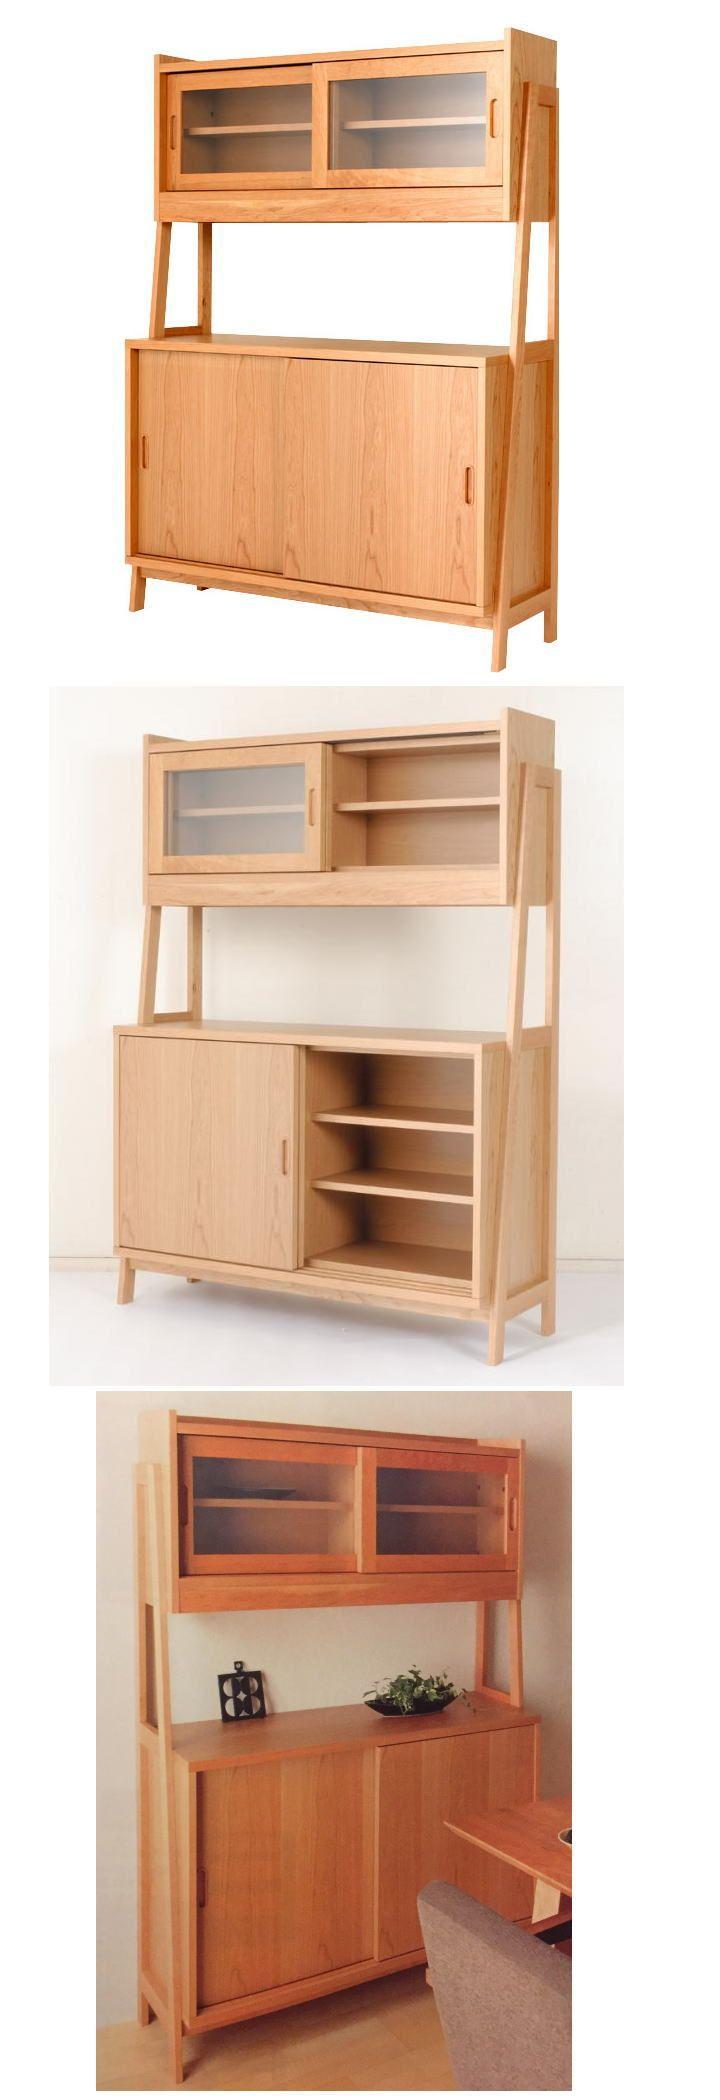 ミッドセンチュリーのデザイナーズ家具を中心に、ギャレットインテリアでは巨匠デザイナーズ家具、世界からセレクトしたインテリア、オーダー家具等、幅広く取り揃えております。